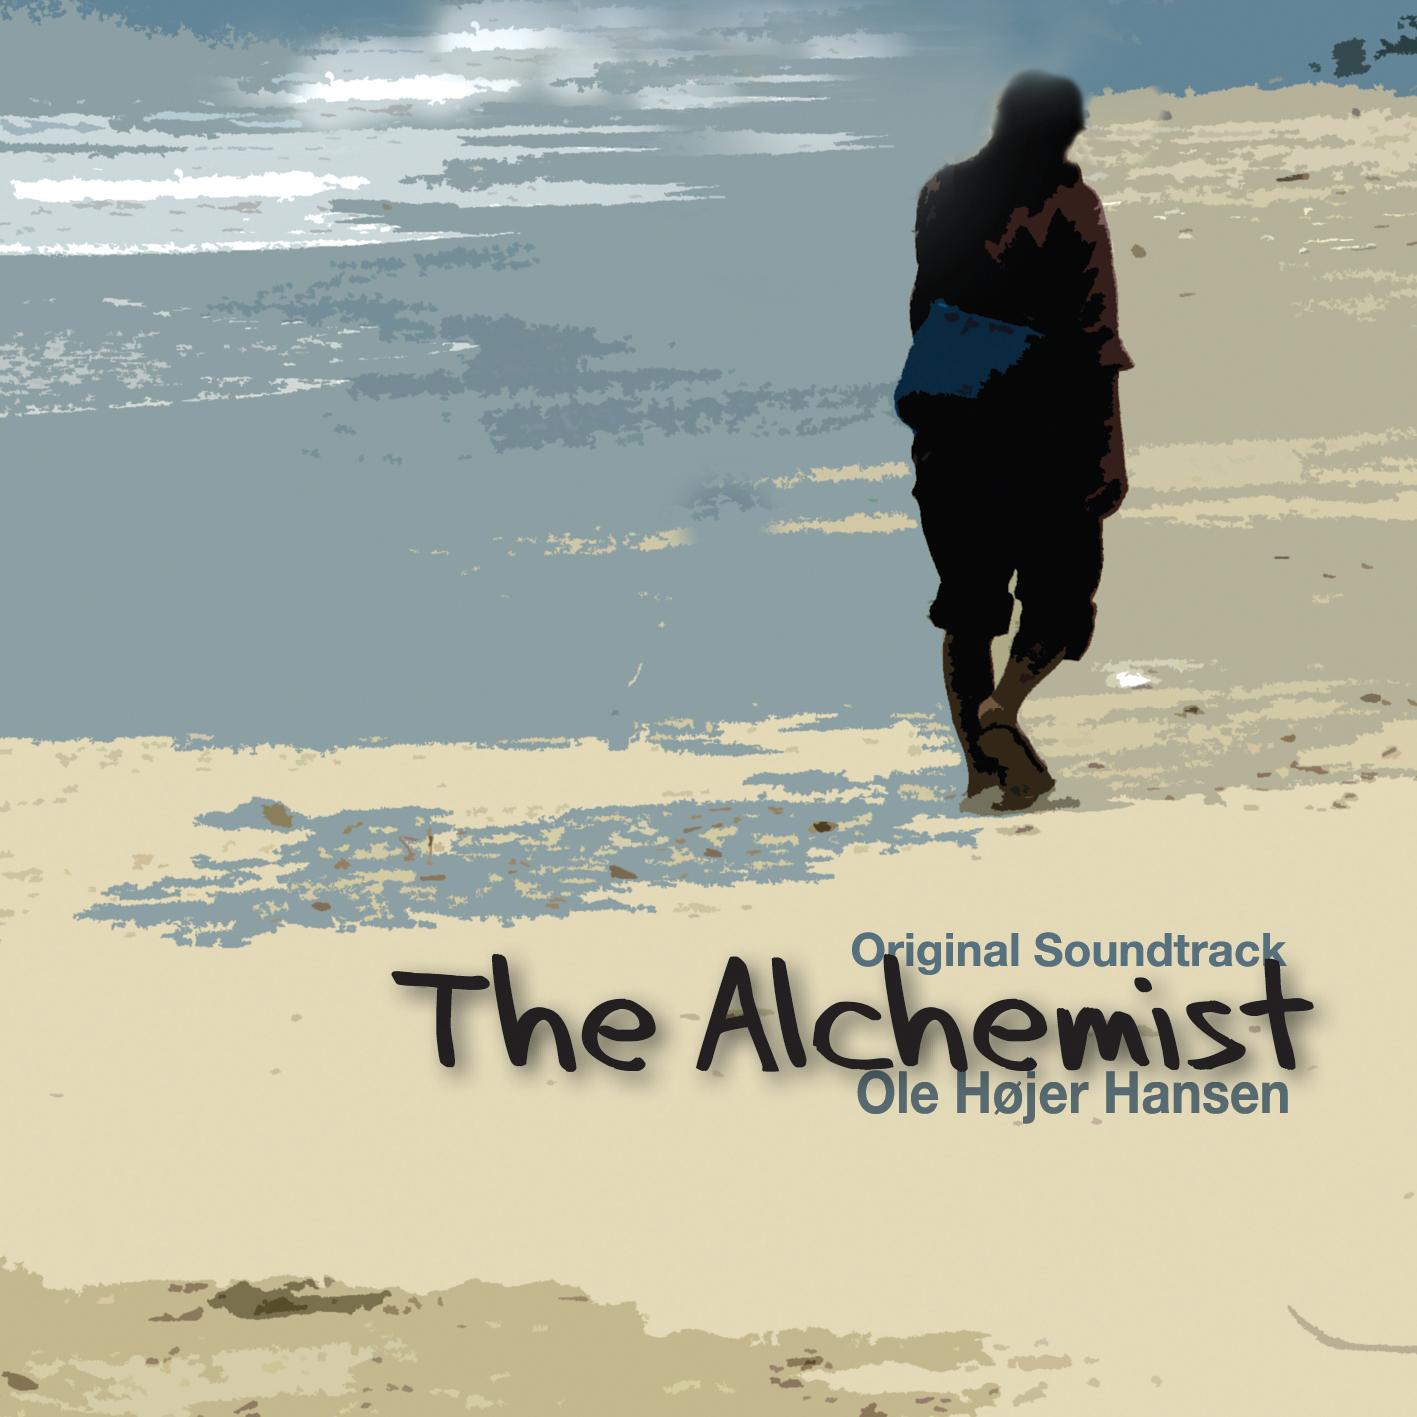 The Alchemist | Soundtrack